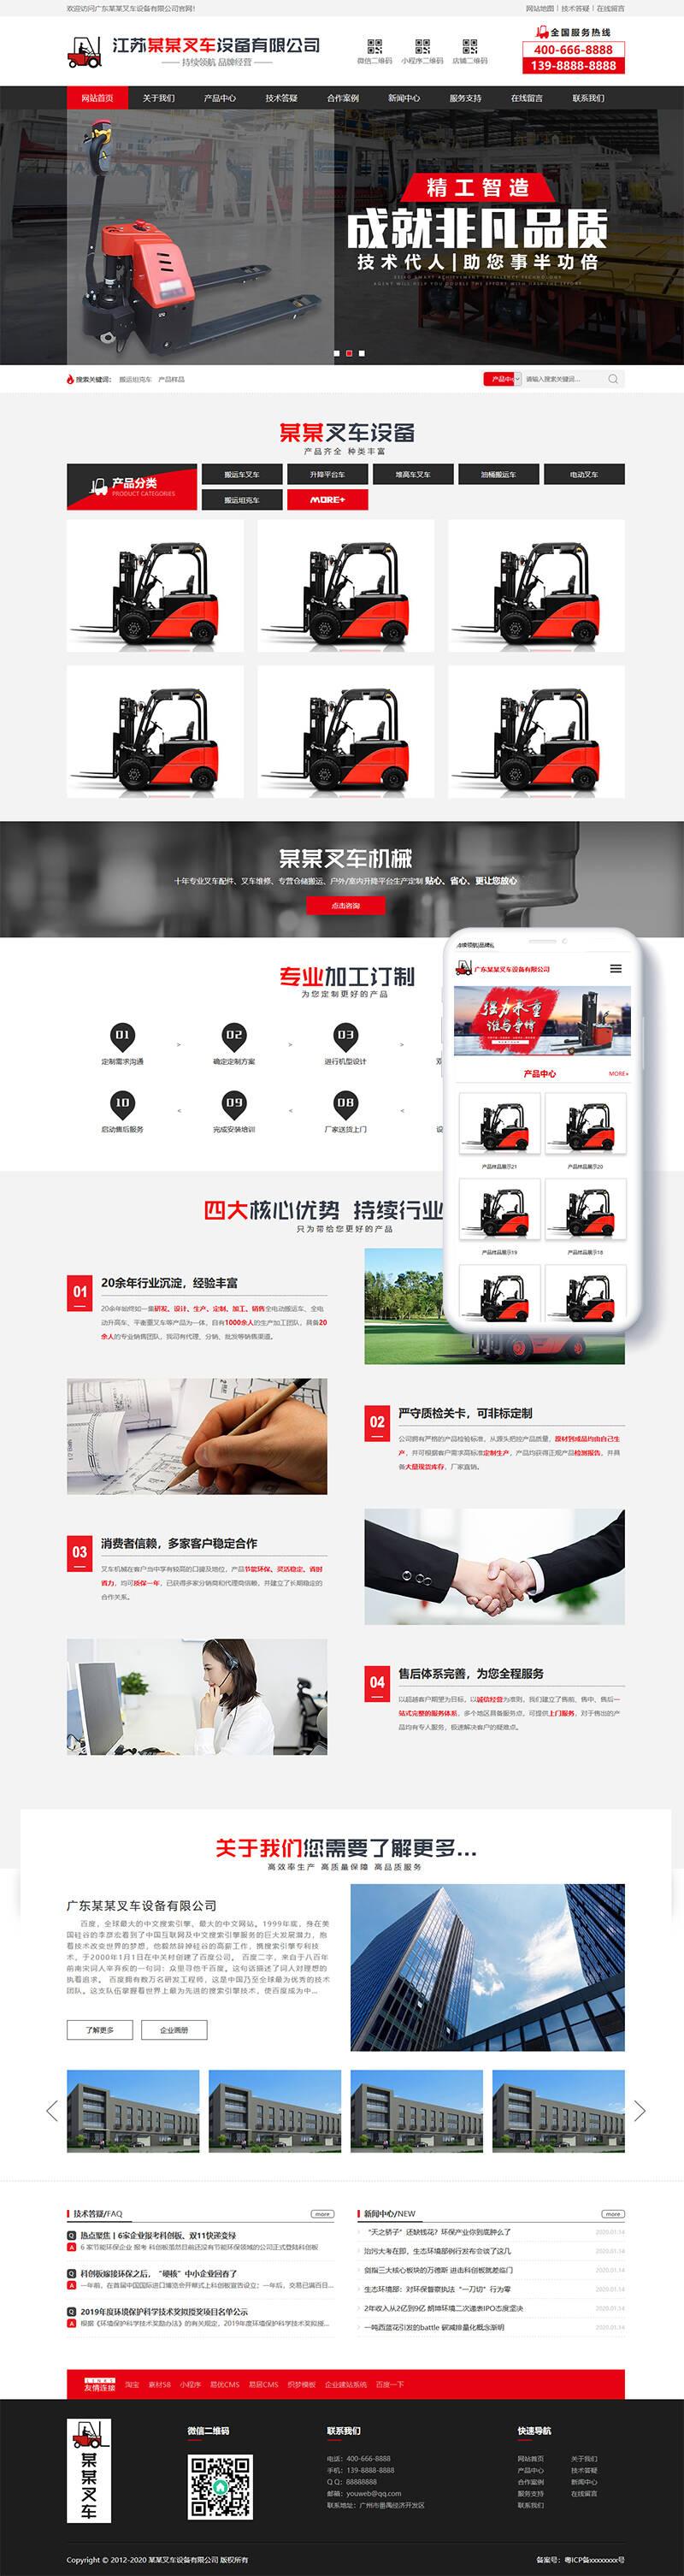 爱搬网_织梦营销型叉车工程机械设备制造类网站织梦模板(带手机端)插图